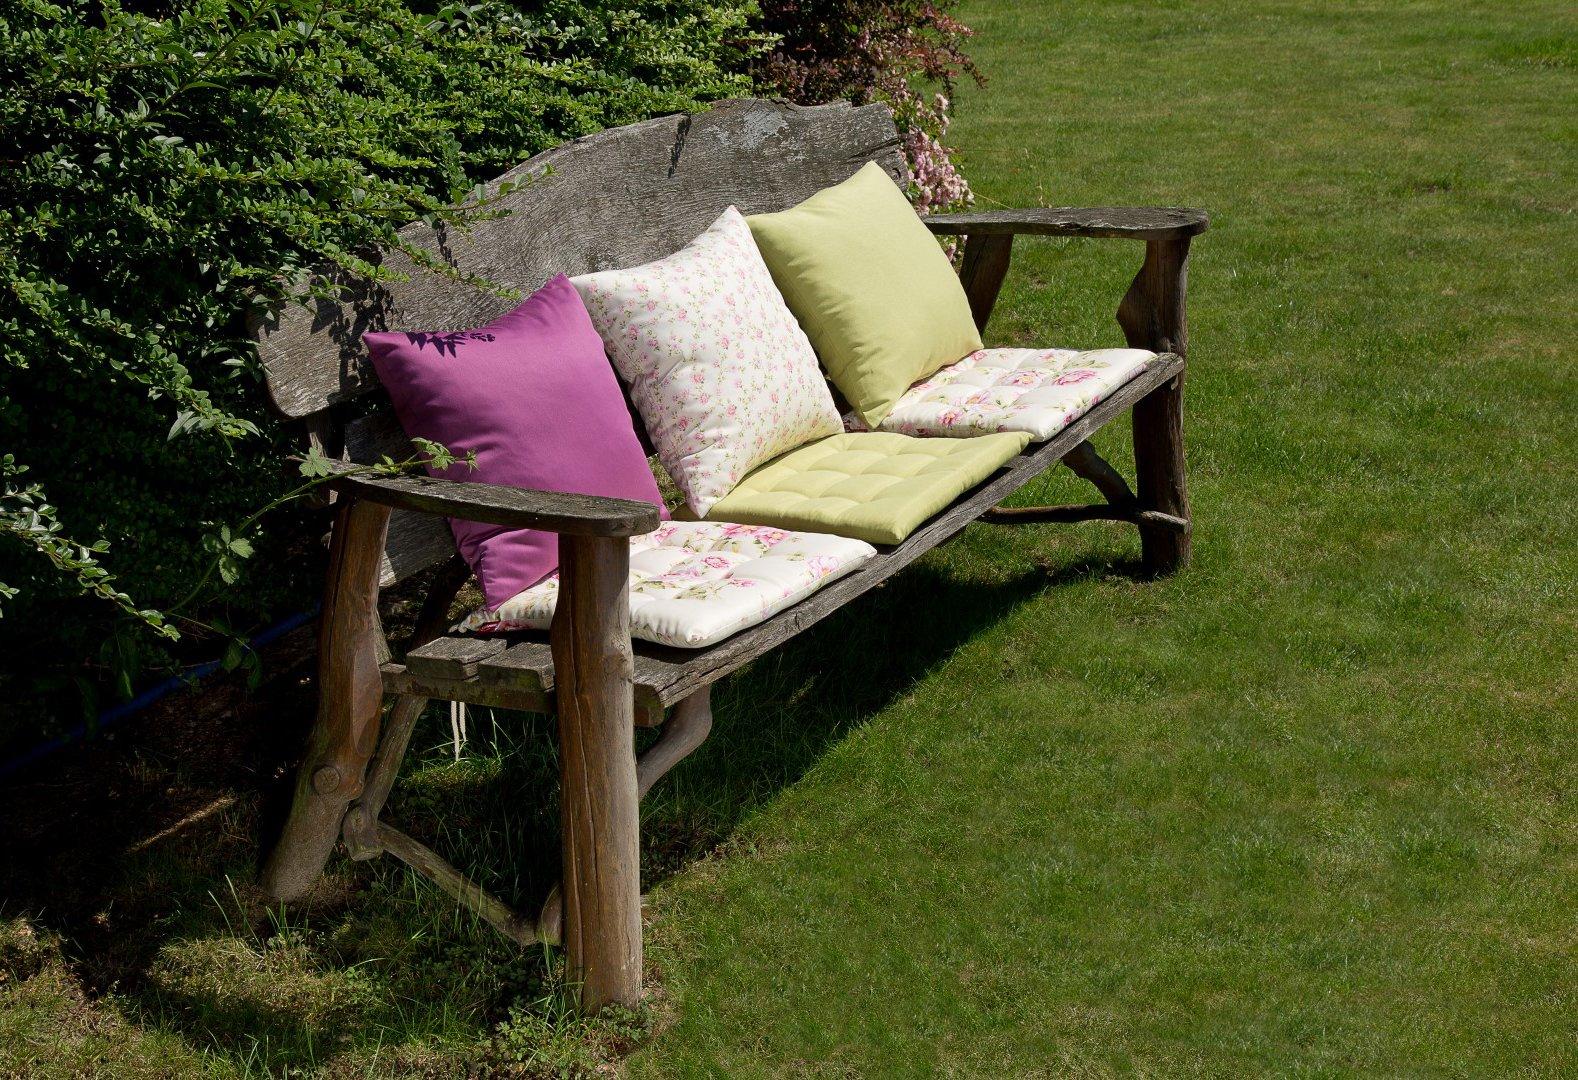 Zahrada sedáky na lavičce